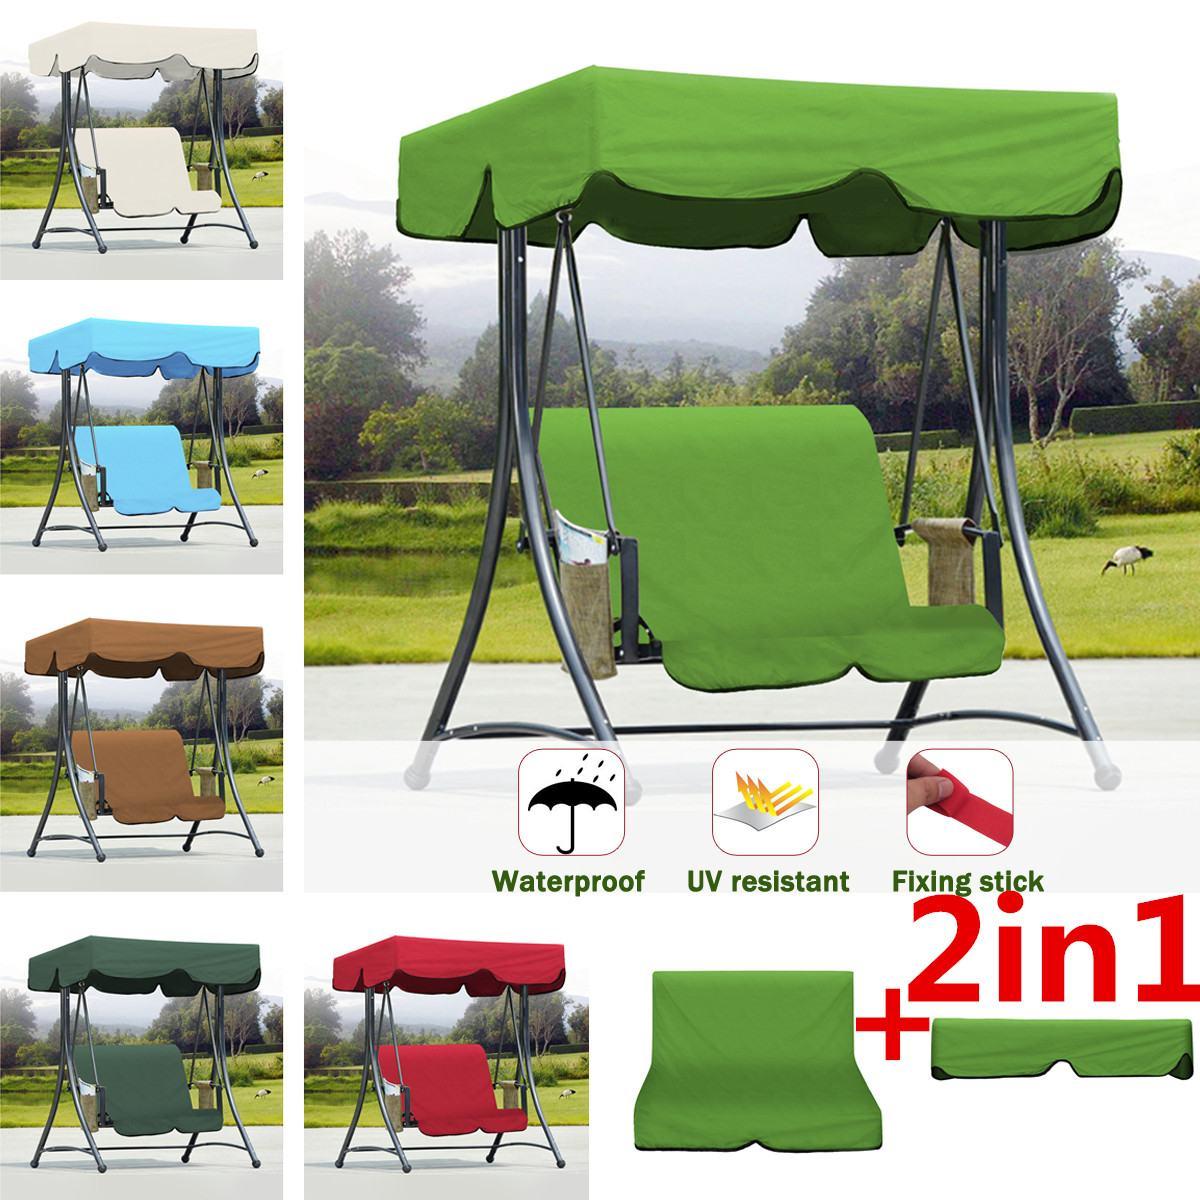 2 sztuk wodoodporny odporny na uv hamak huśtawka baldachim + poduszka na krzesło lato na zewnątrz kryty ogród dziedziniec namiot huśtawka górna pokrywa